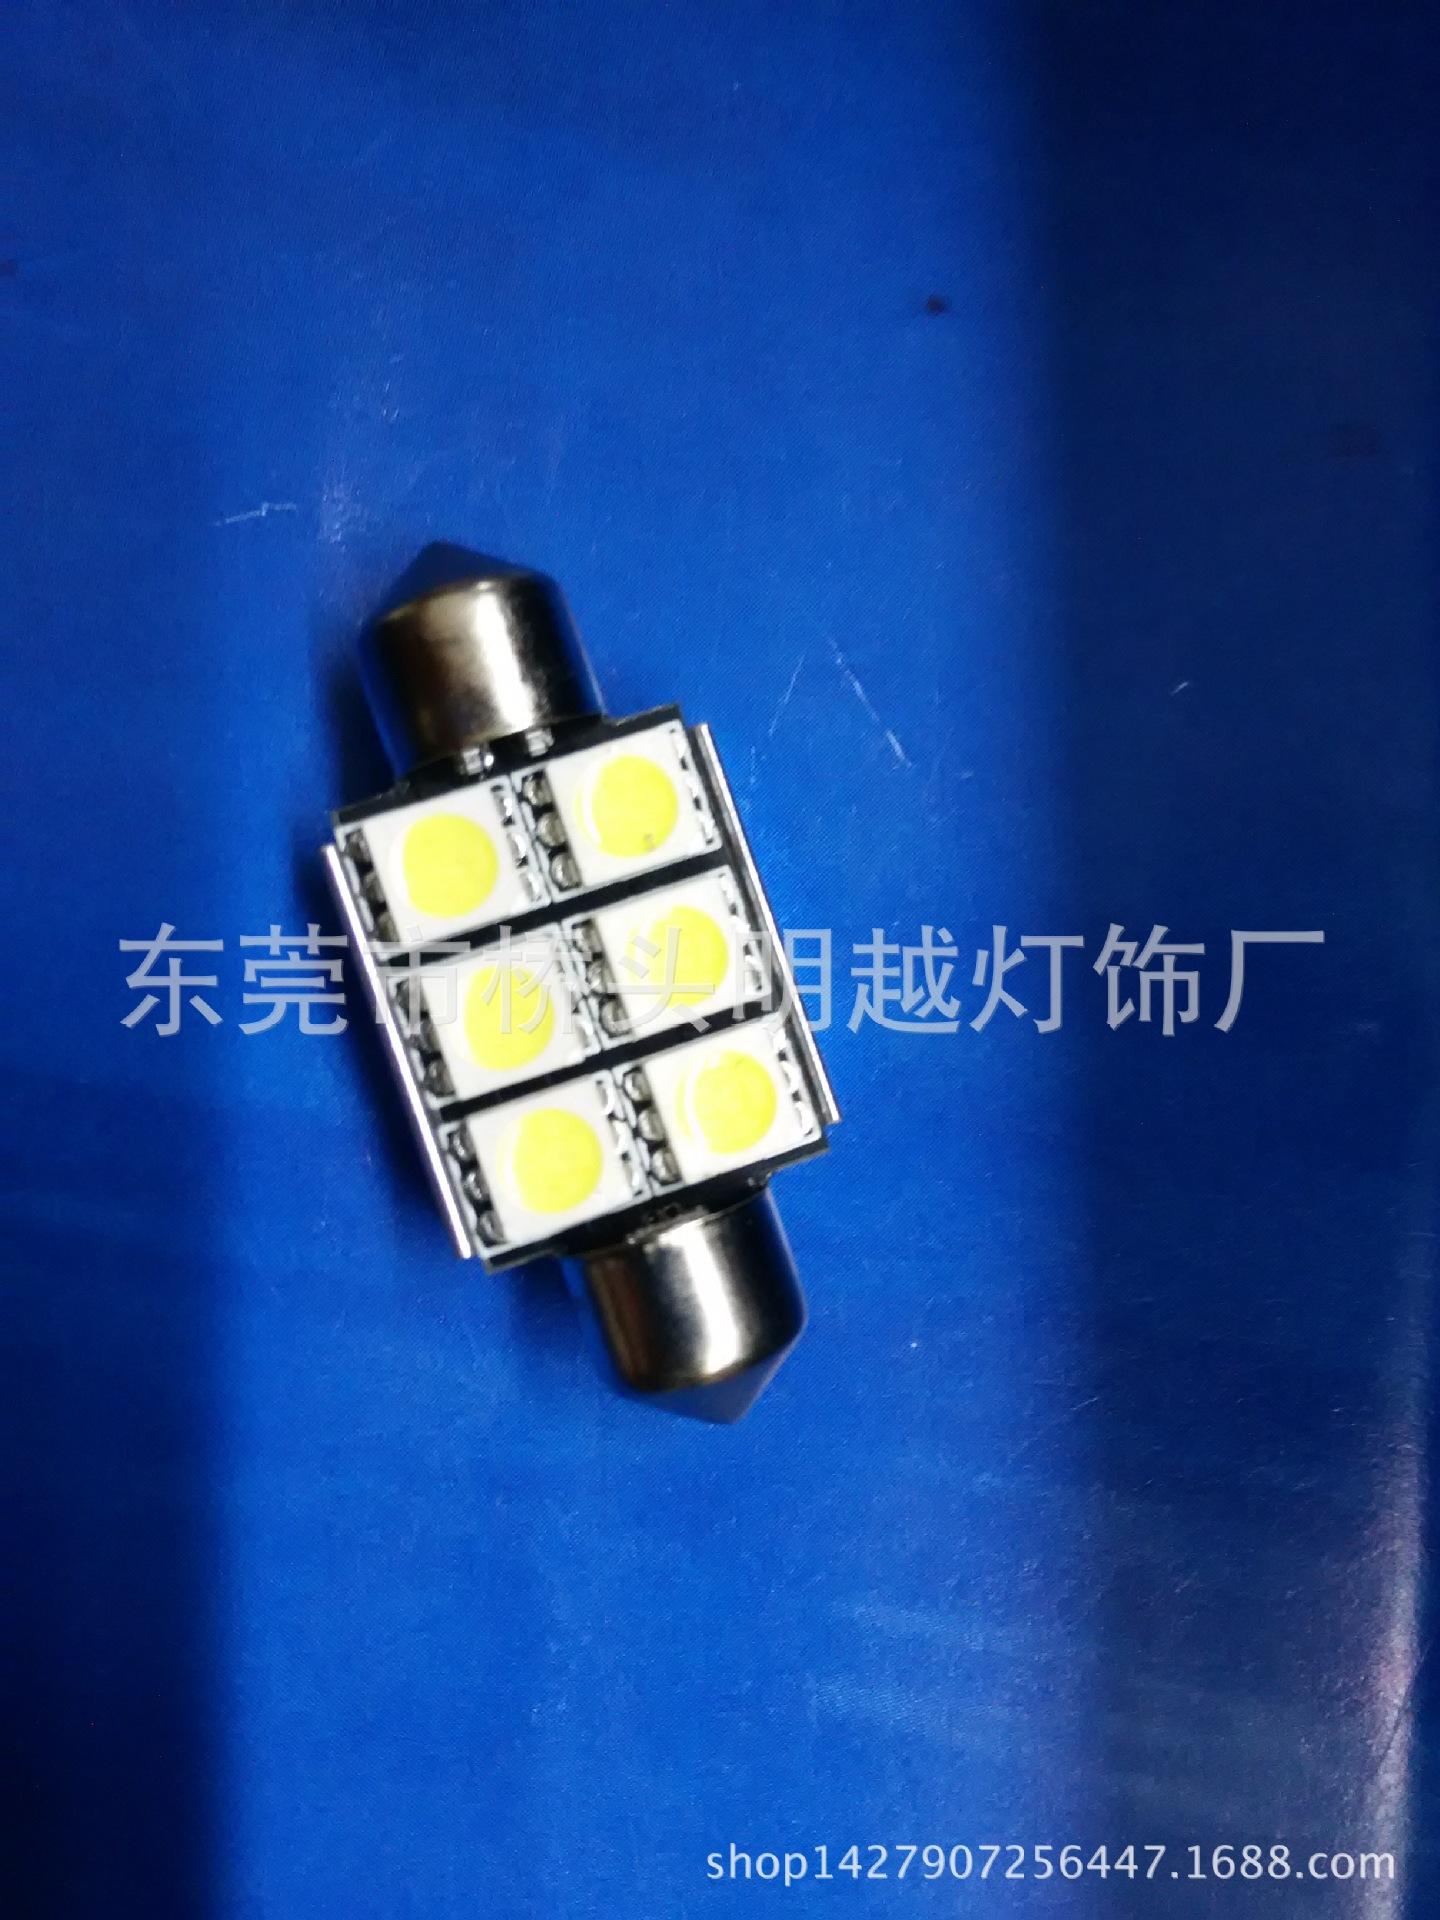 厂家大量供应 双尖 5050 6SMD 阅读灯 车顶灯 le牌照灯 量大价优